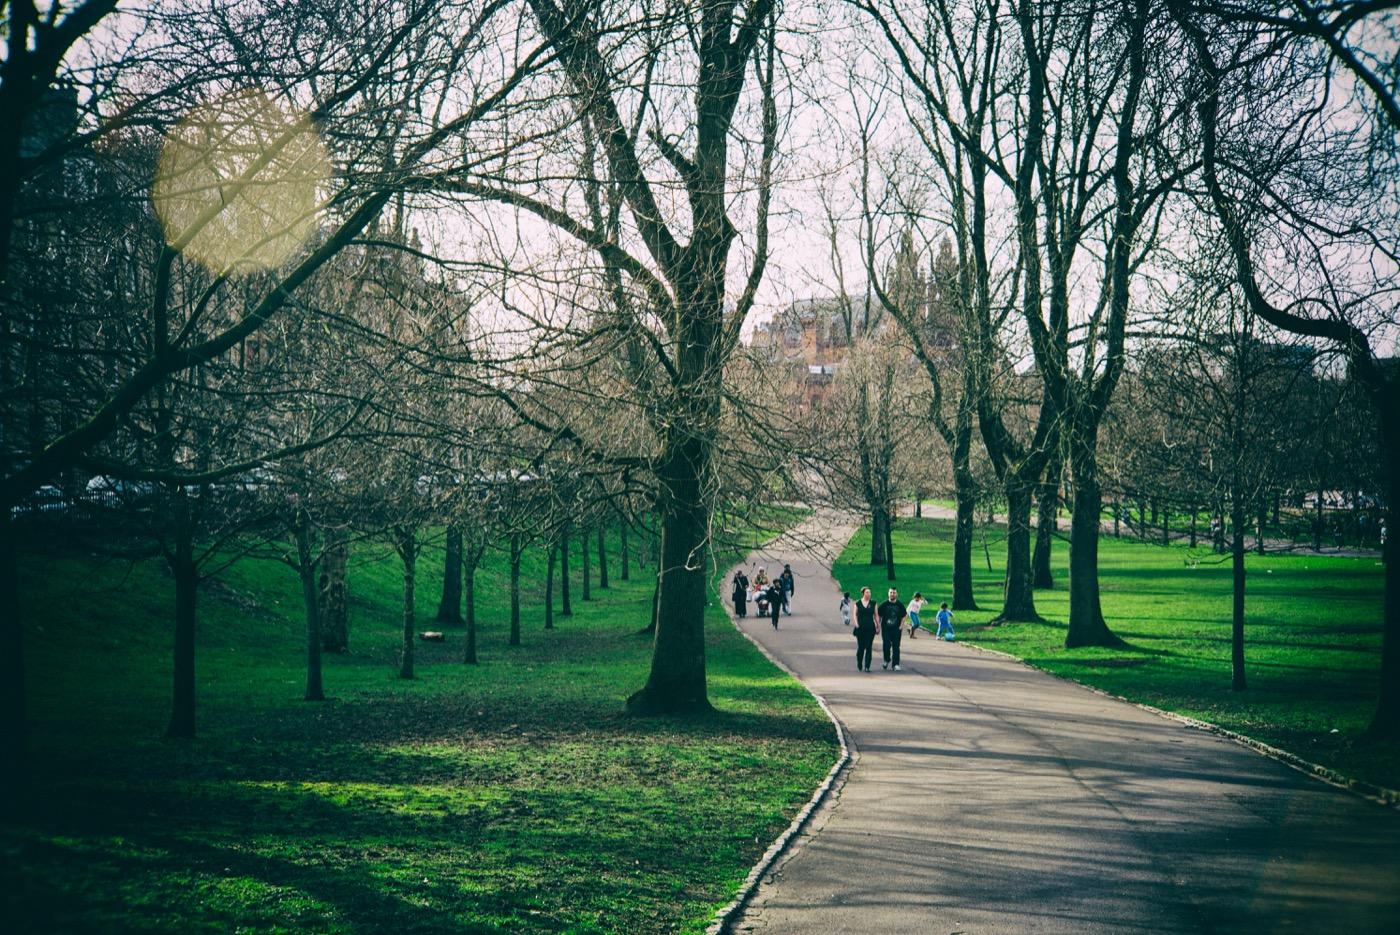 Glasgow Kelvingrove Park